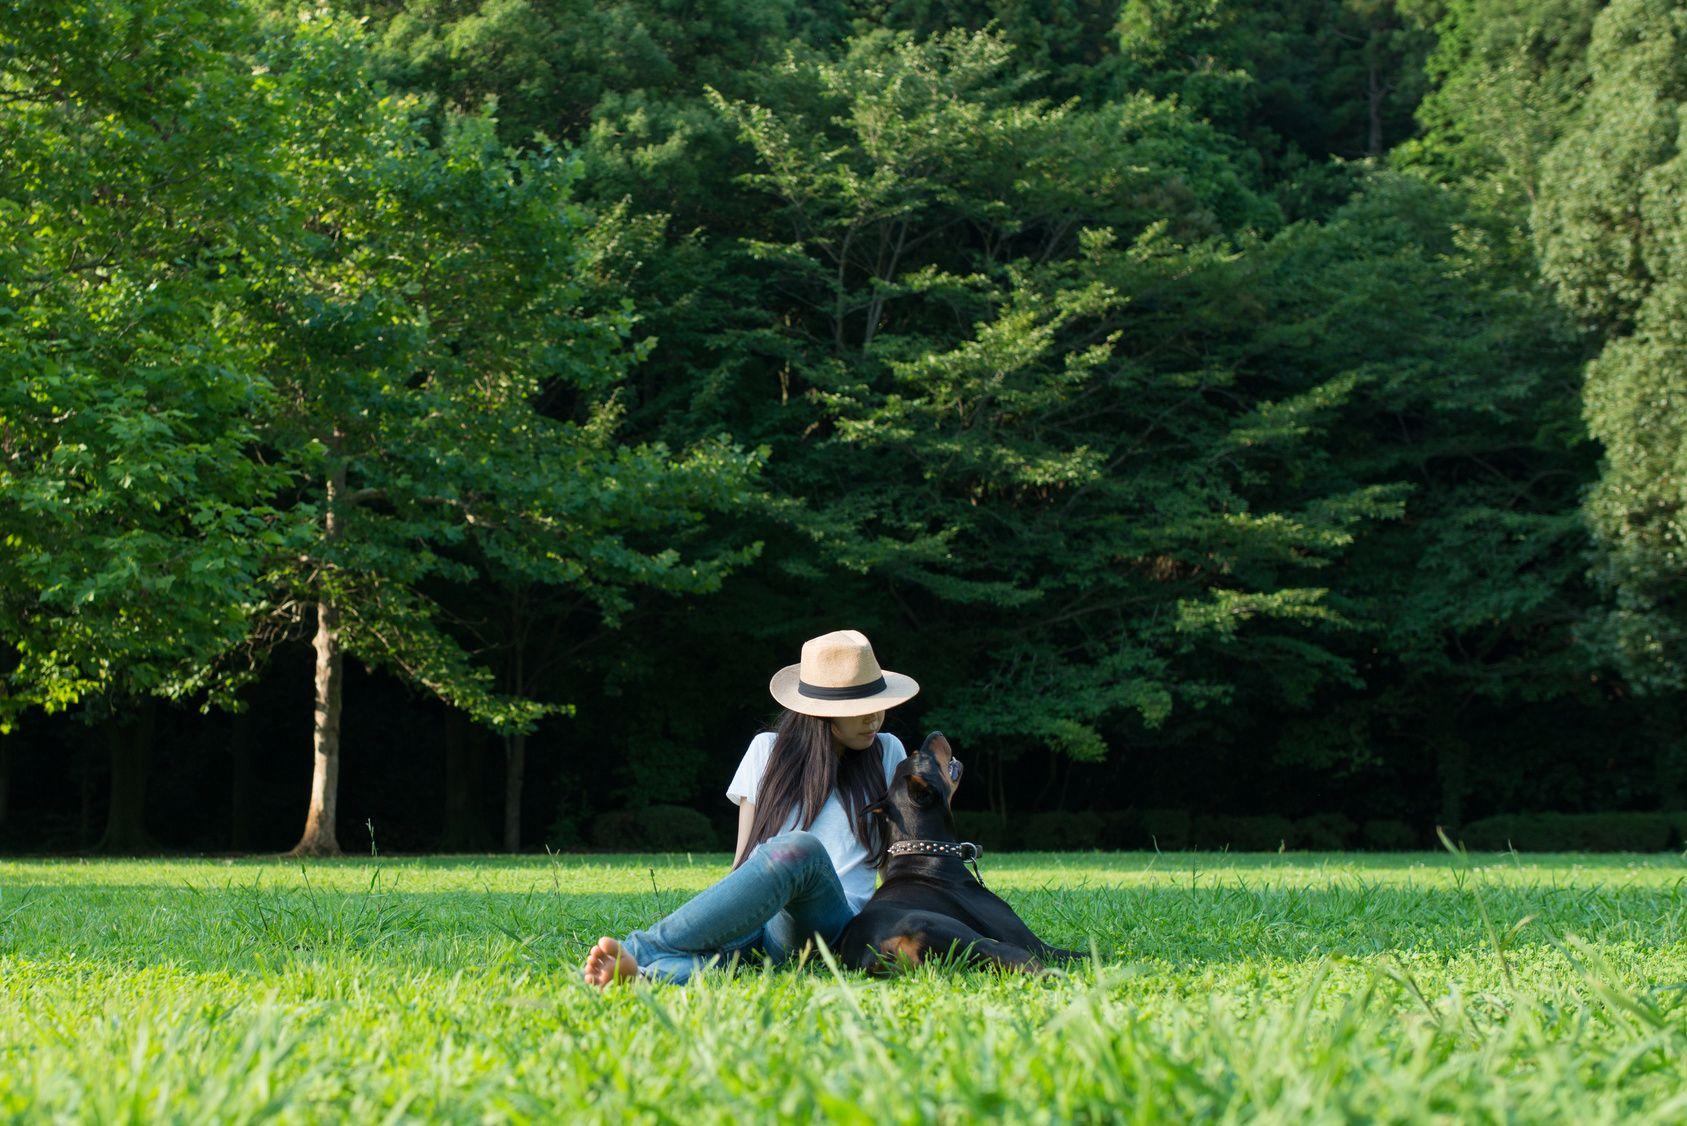 夏休み!愛犬と一緒にお泊りできる東海エリアのキャンプ場4選